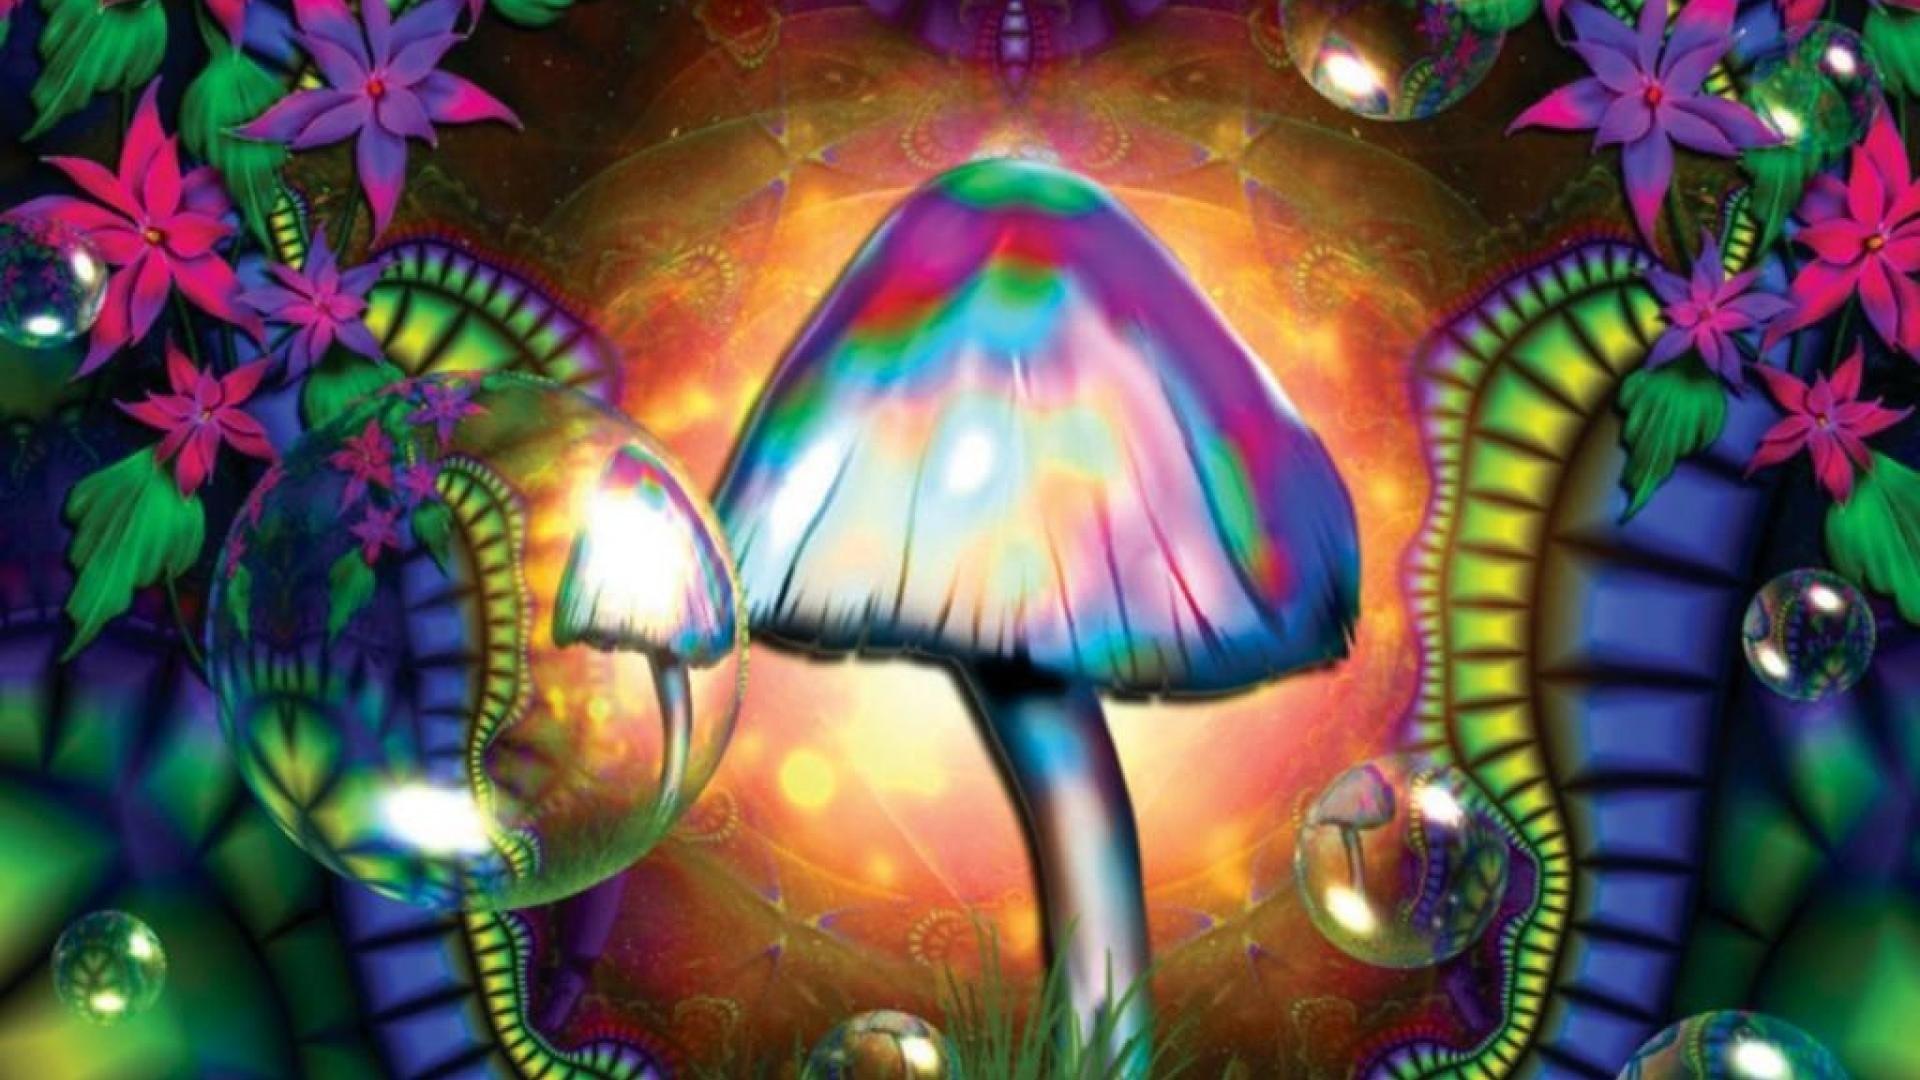 Trippy Mushroom Wallpaper For Iphone – Uncalke.com